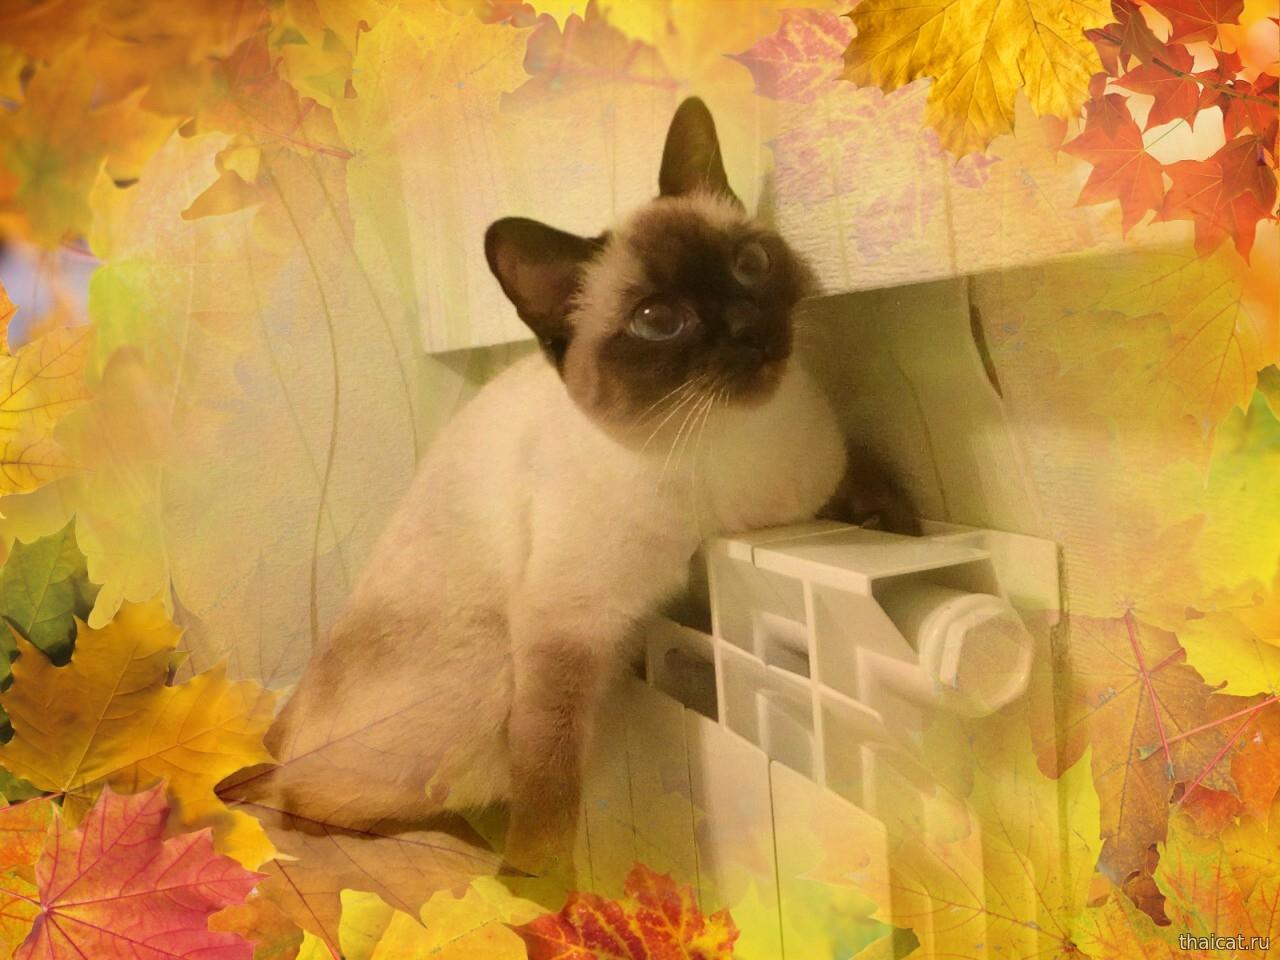 Уютная теплая осень с тайскими кошками